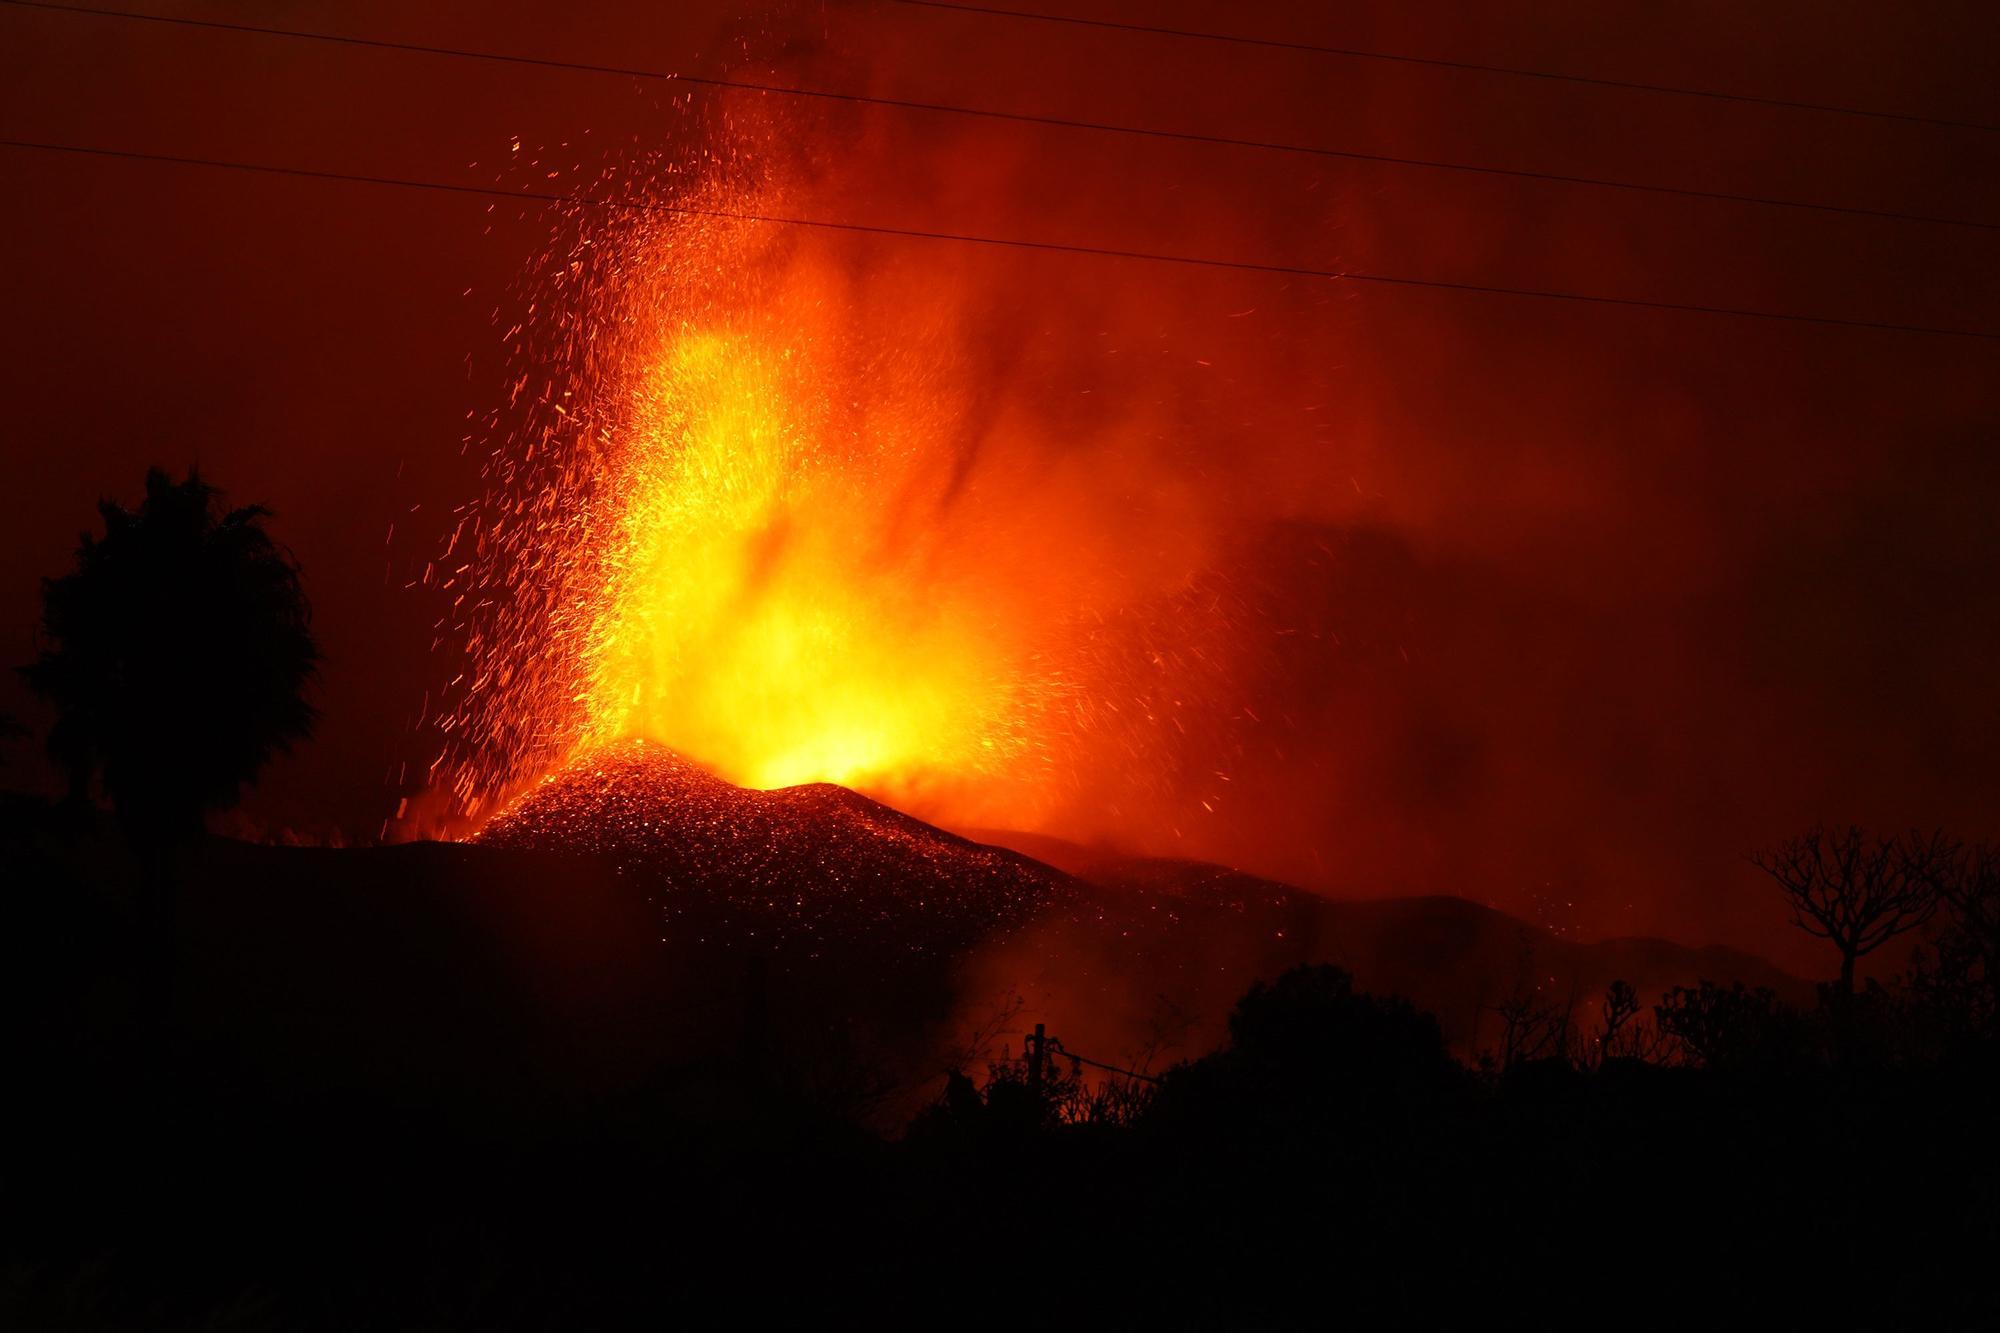 Las imágenes de la erupción volcánica en La Palma y sus devastadoras consecuencias